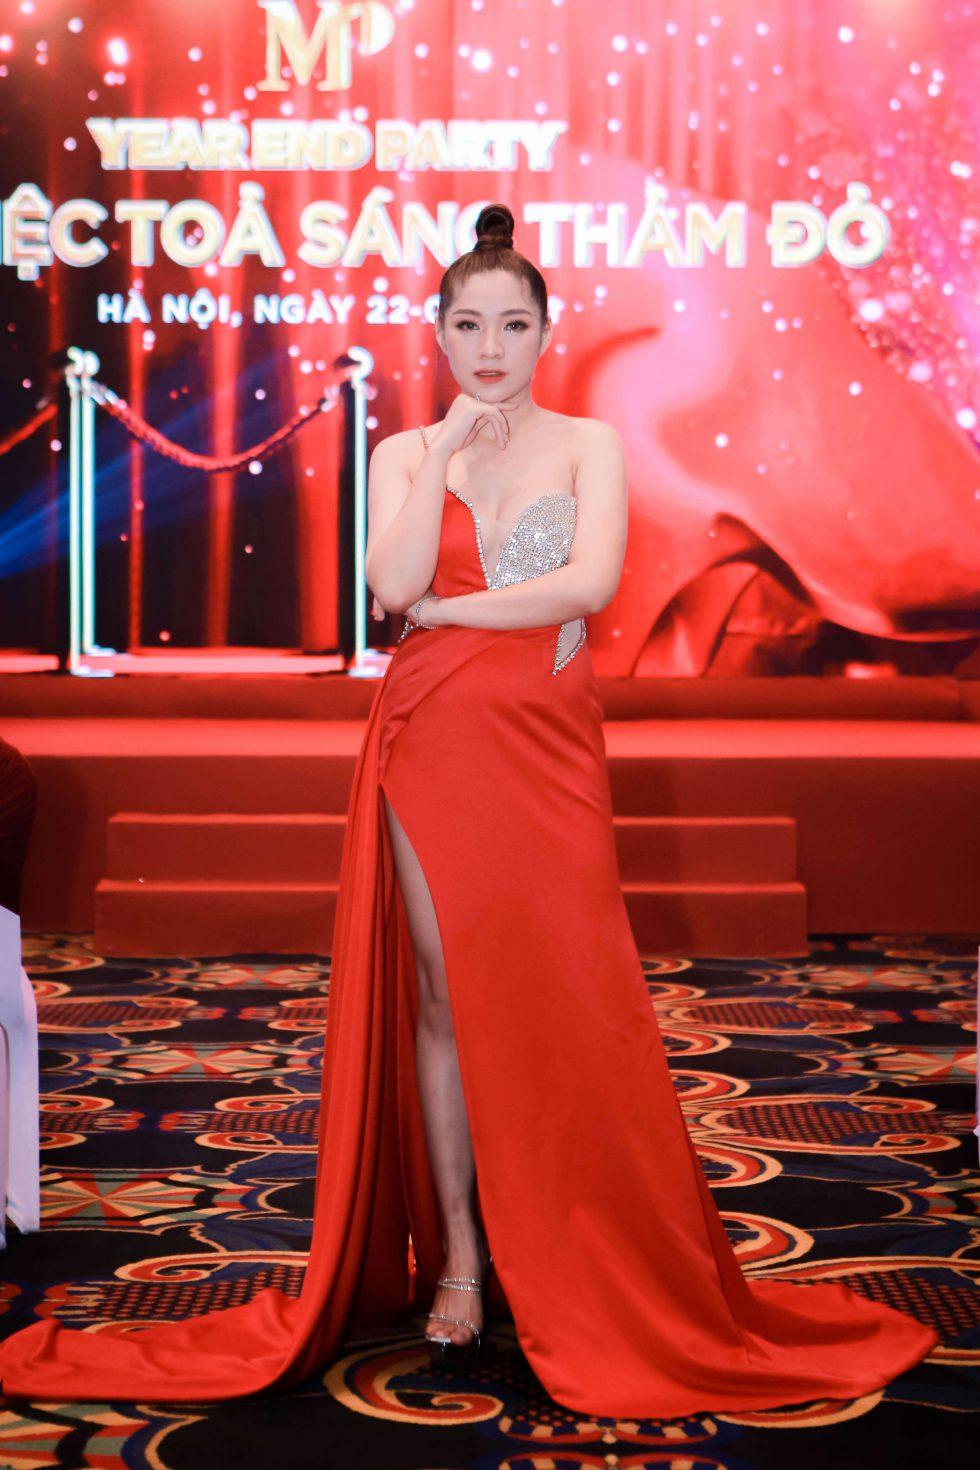 Nữ CEO xinh đẹp, tài ba của Công ty Cổ phần dược mỹ phẩm MP1 - Mai Thùy Dương